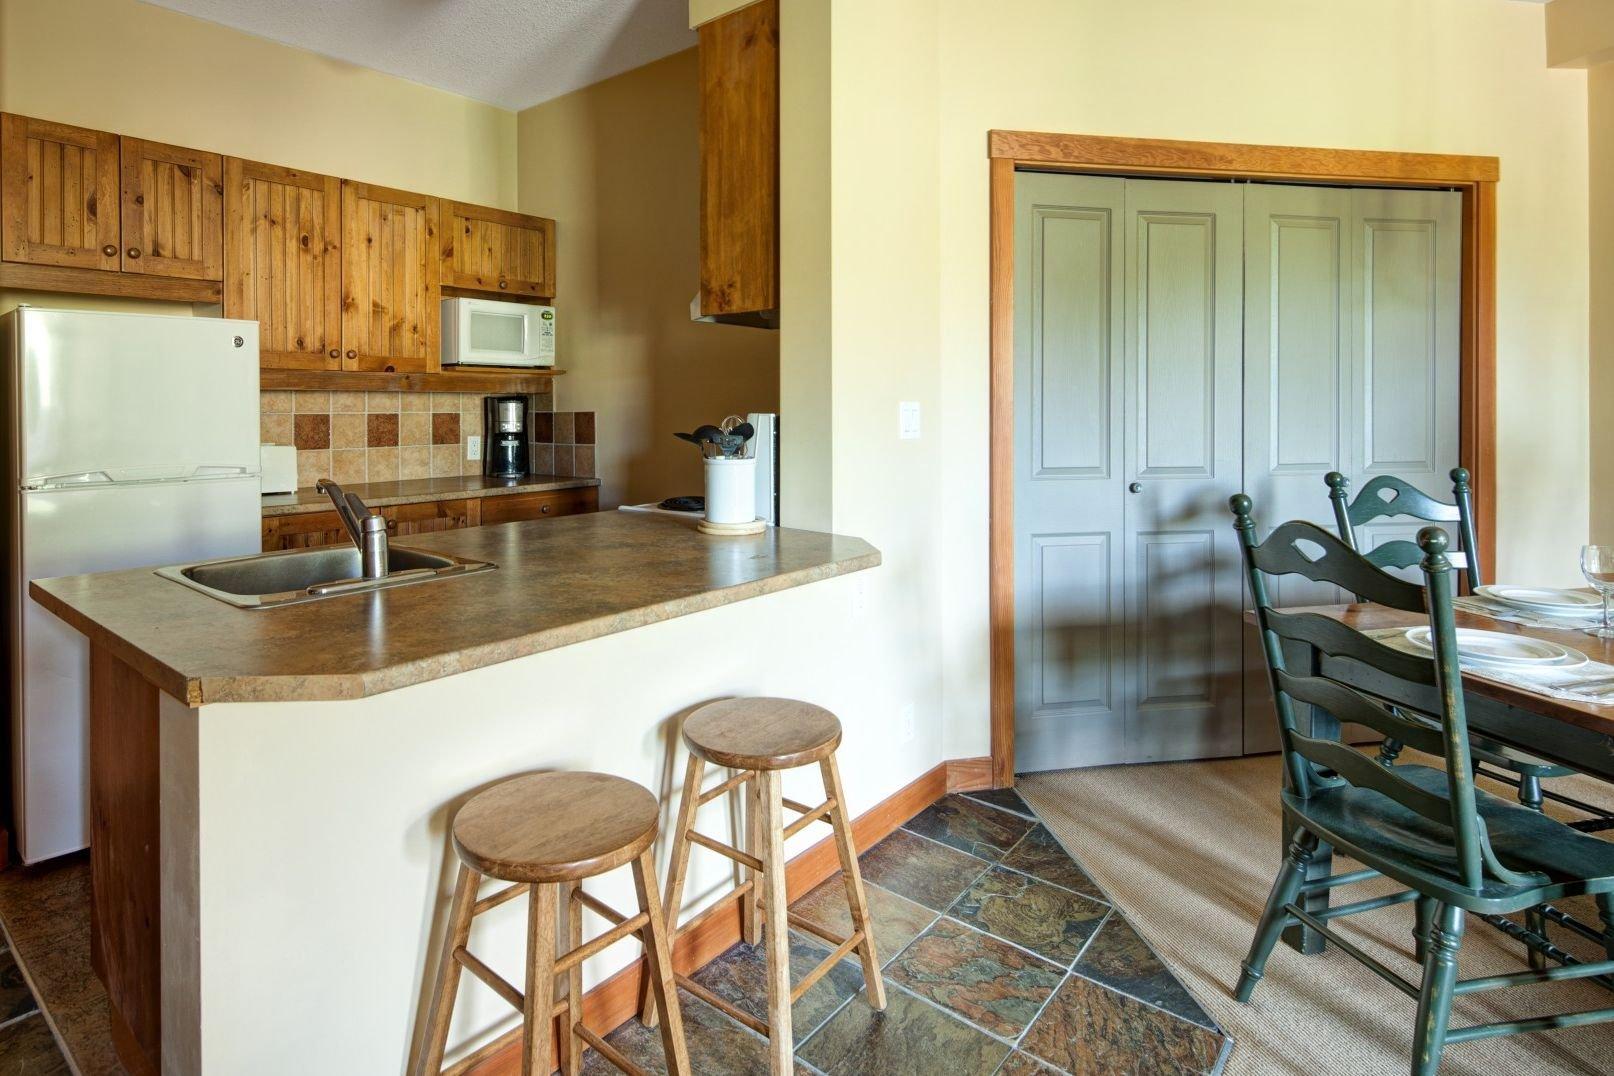 Panorama Mountain Village - panorama springs lodge kitchen 2.jpg